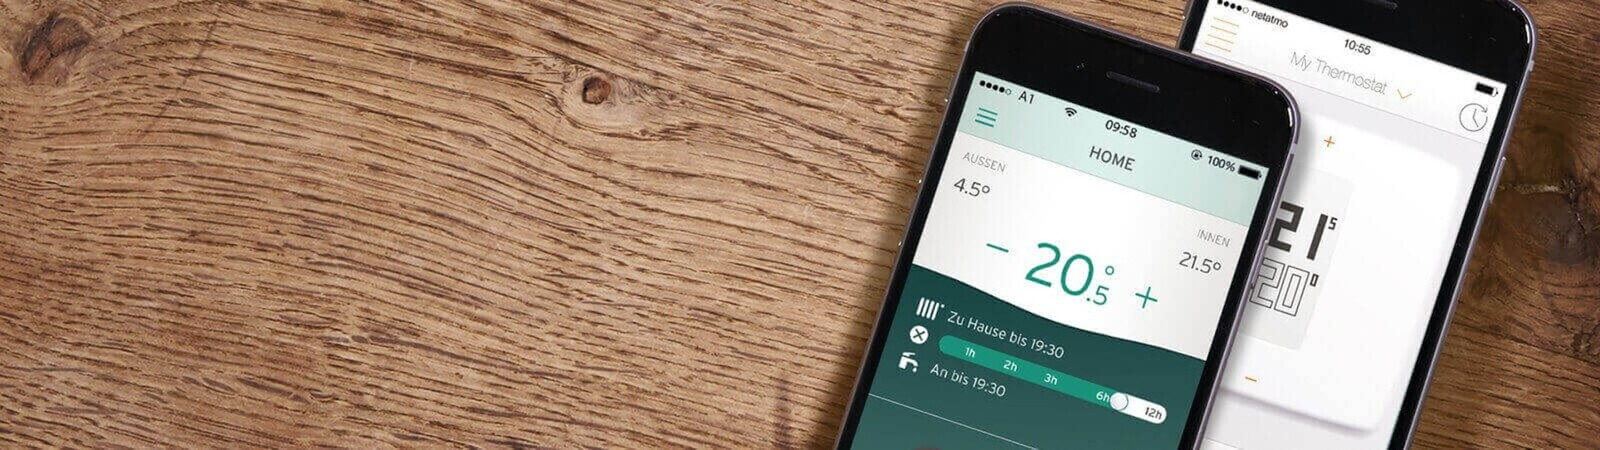 Mobile Apps für Android & iOS Geräte